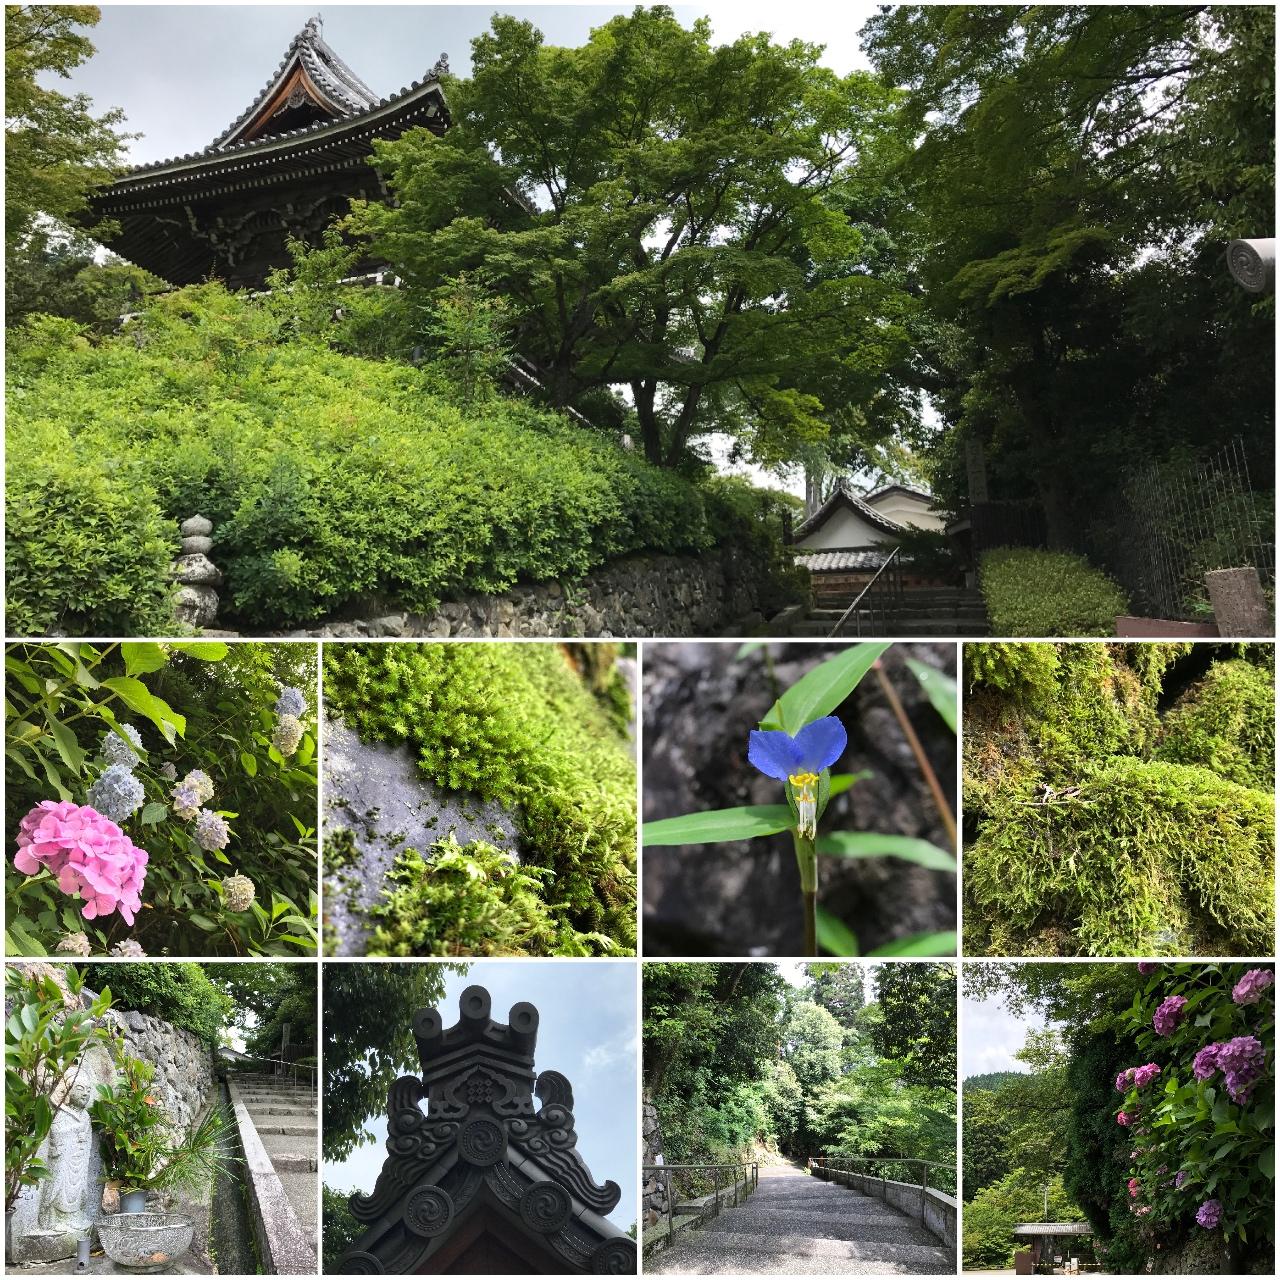 善峯寺の駐車場付近の風景